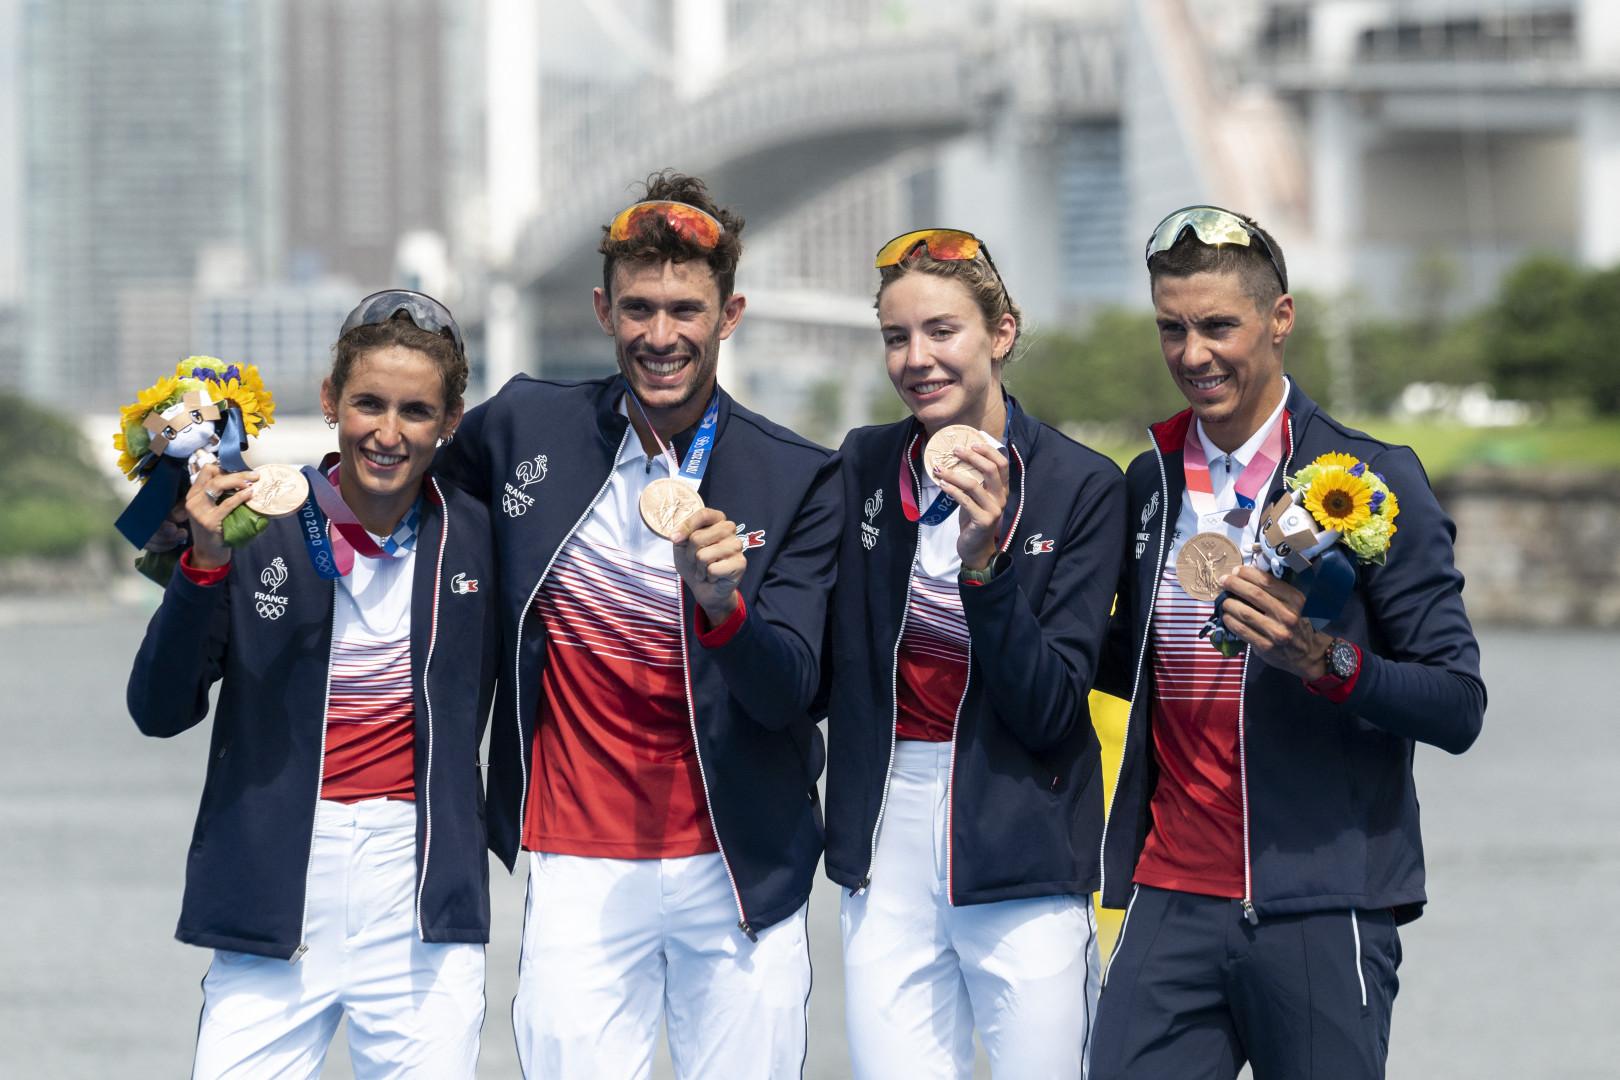 L'équipe de Frane mixte de triathlon avec le bronze sur le relais à Tokyo le 31 juillet 2021.